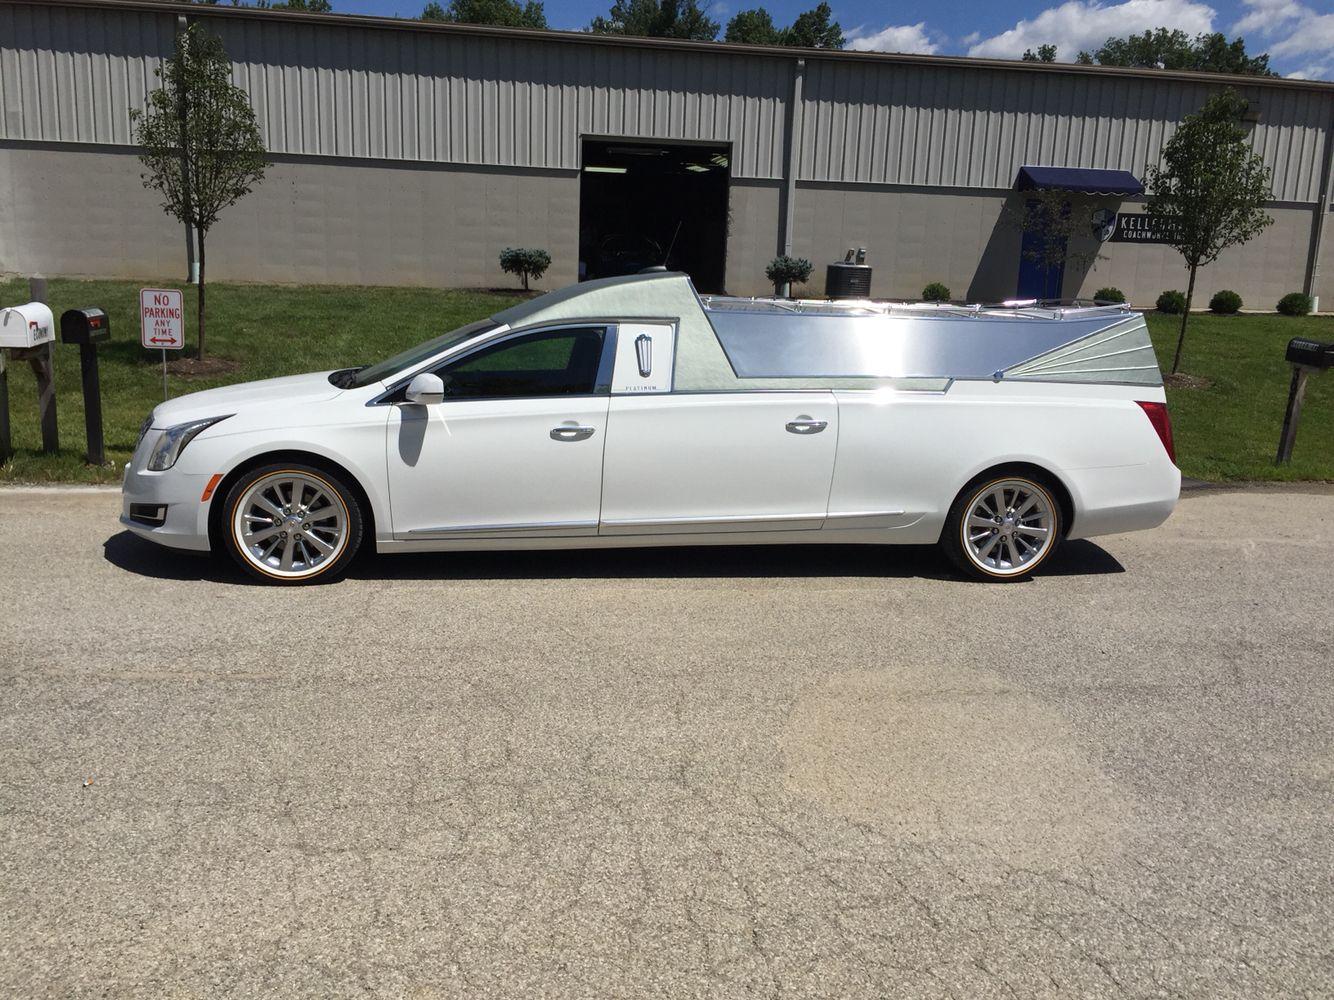 Platinum Cortge Flower Car Hearse Built For William C Harris